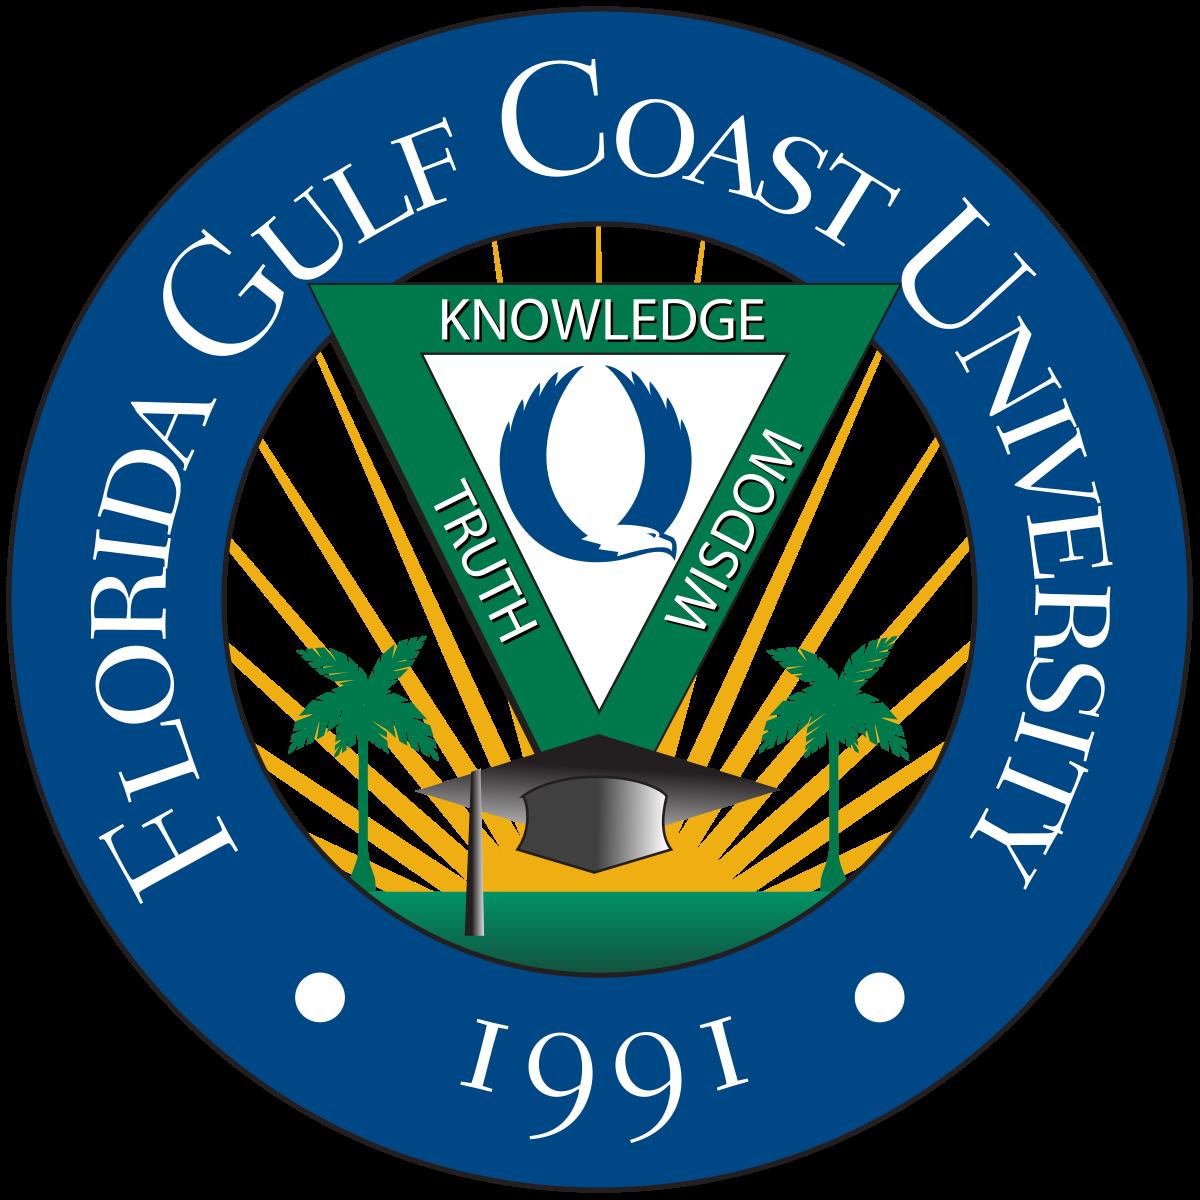 اکانت دانشگاه Florida Gulf Coast University آمریکا - دانلود کتاب